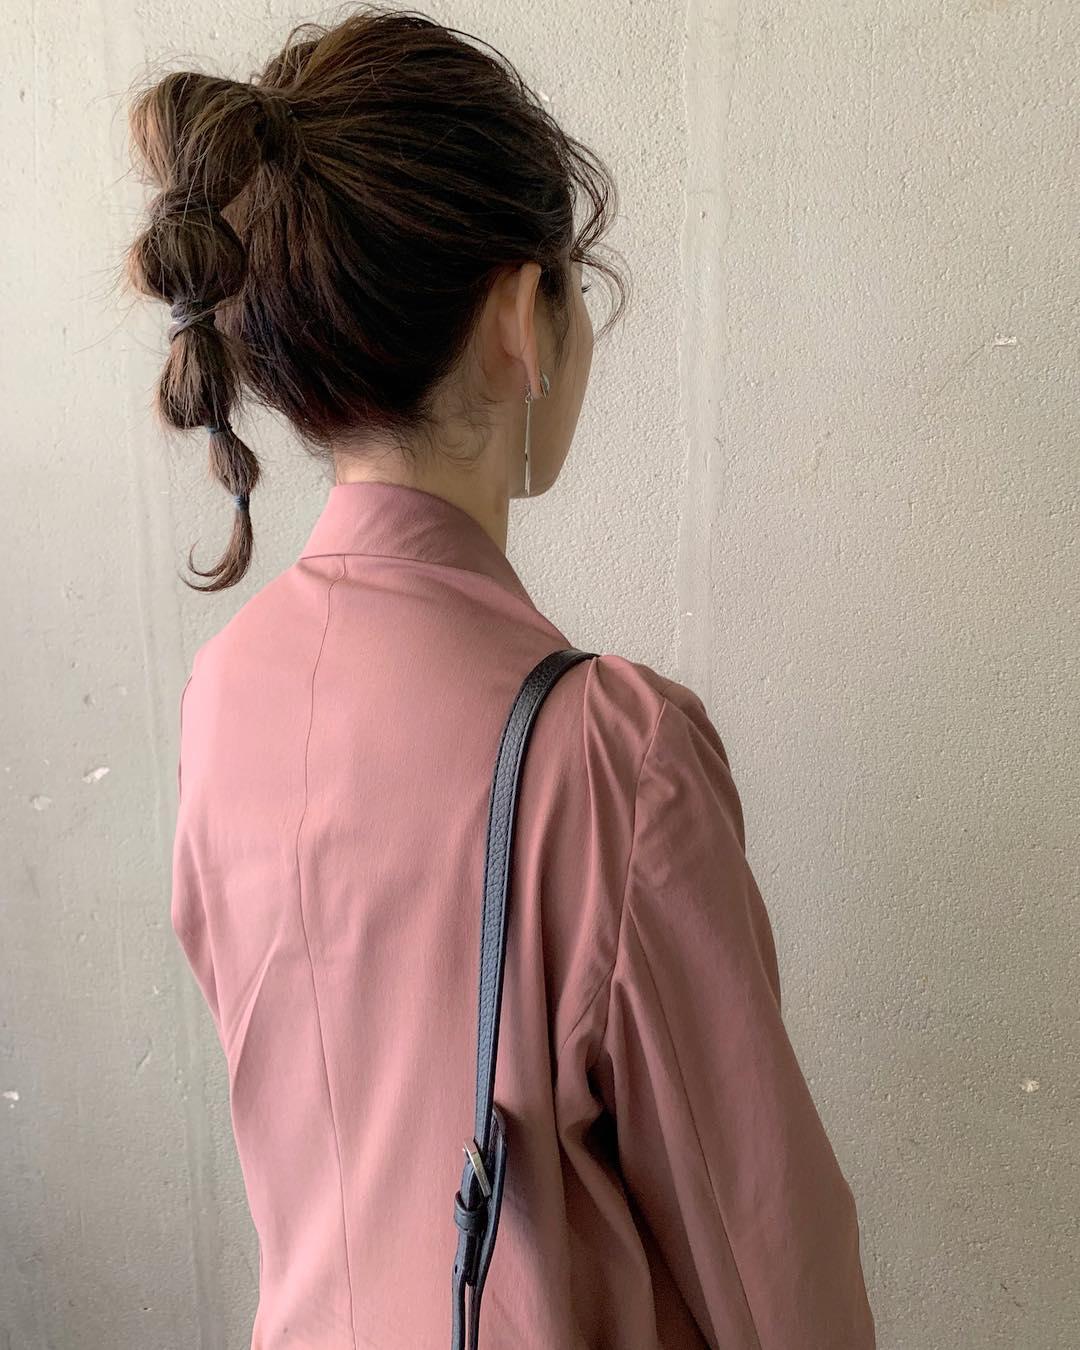 オシャレ女子の大定番☆スポーティーアイテムにぴったりのヘアアレンジ8